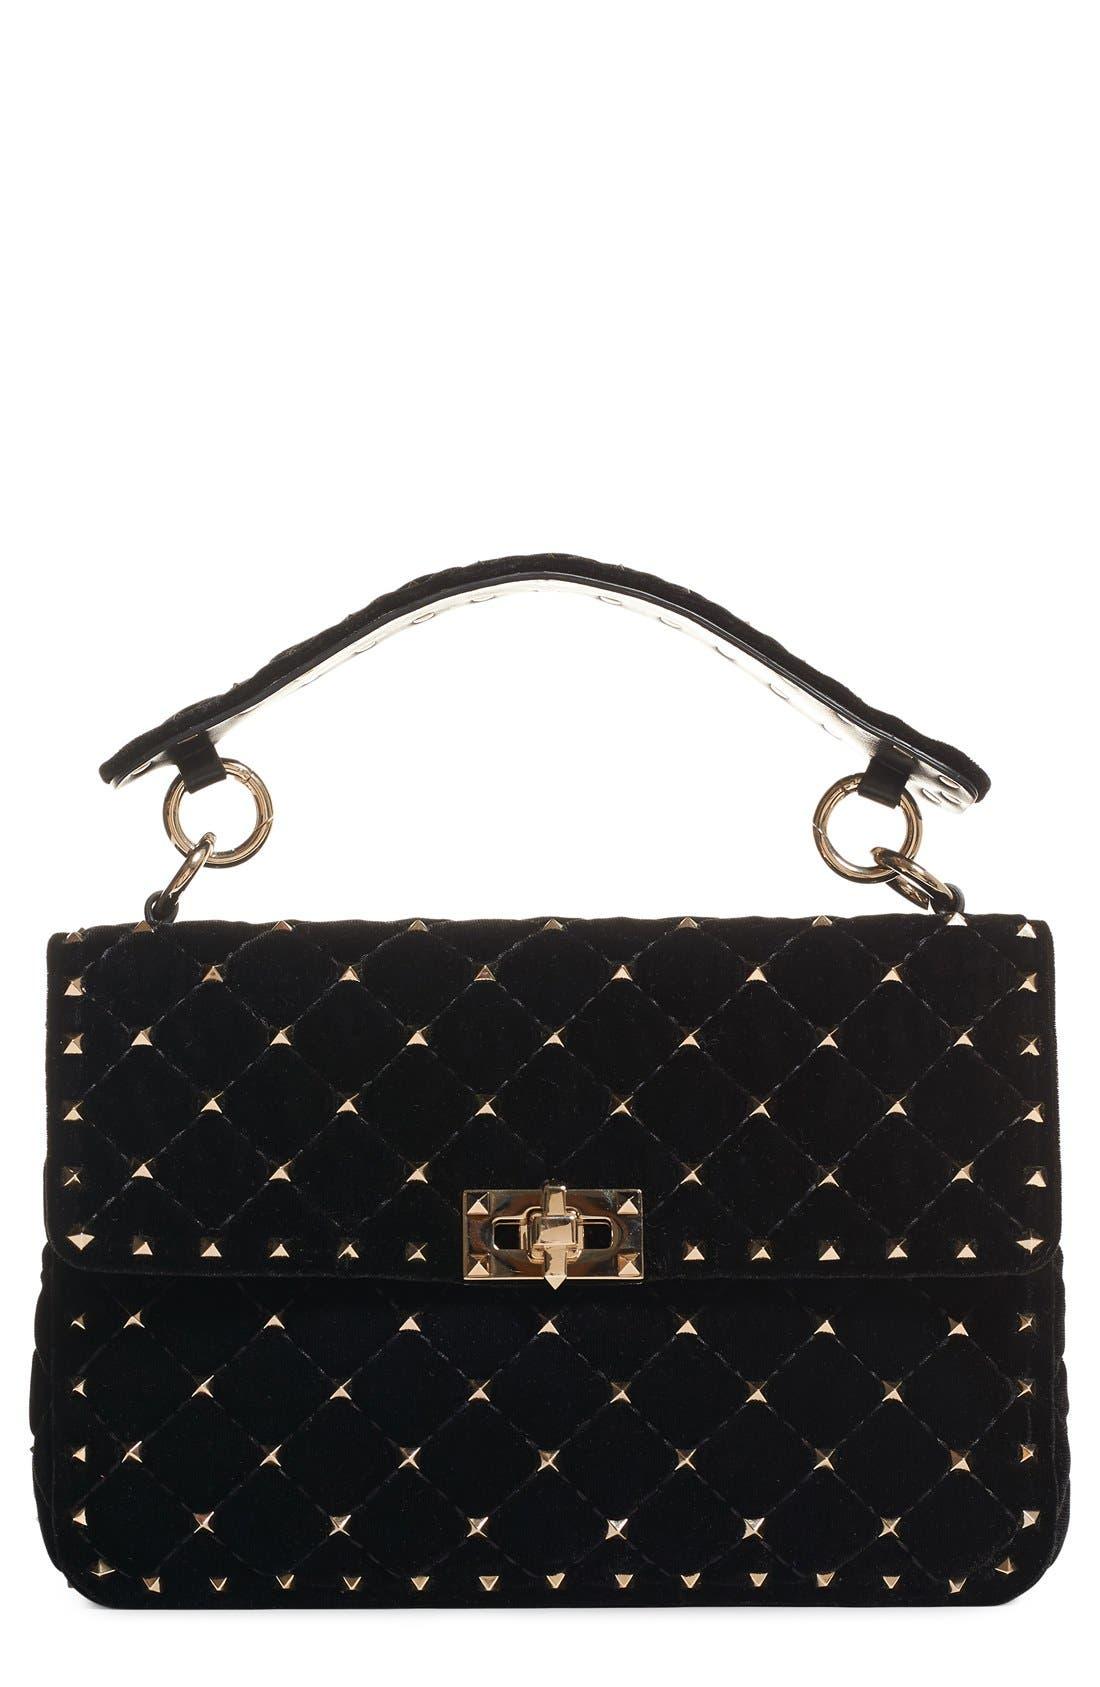 Alternate Image 1 Selected - VALENTINO GARAVANI Rockstud Quilted Leather Shoulder Bag